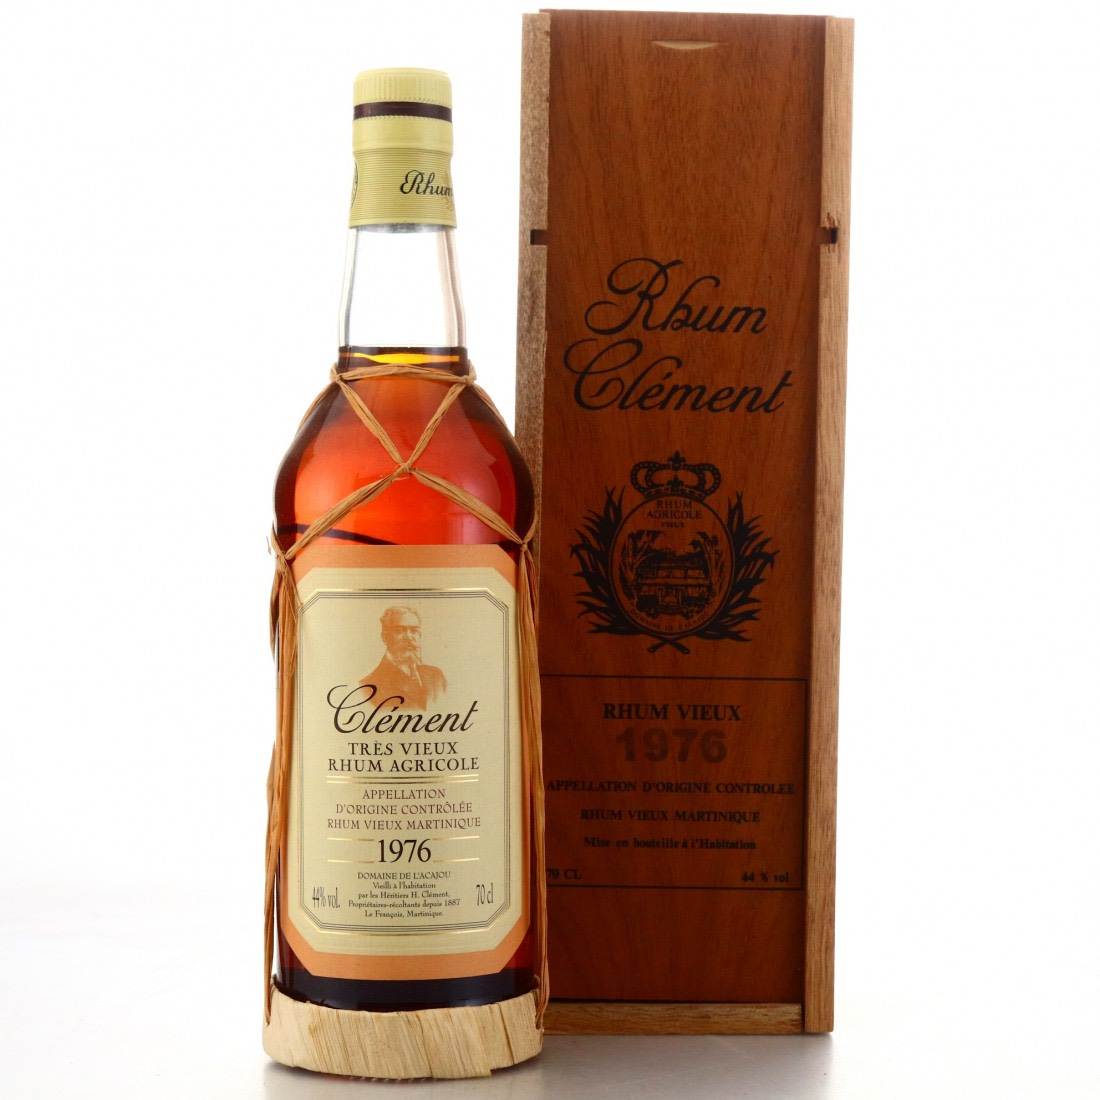 Bottle image of 1976